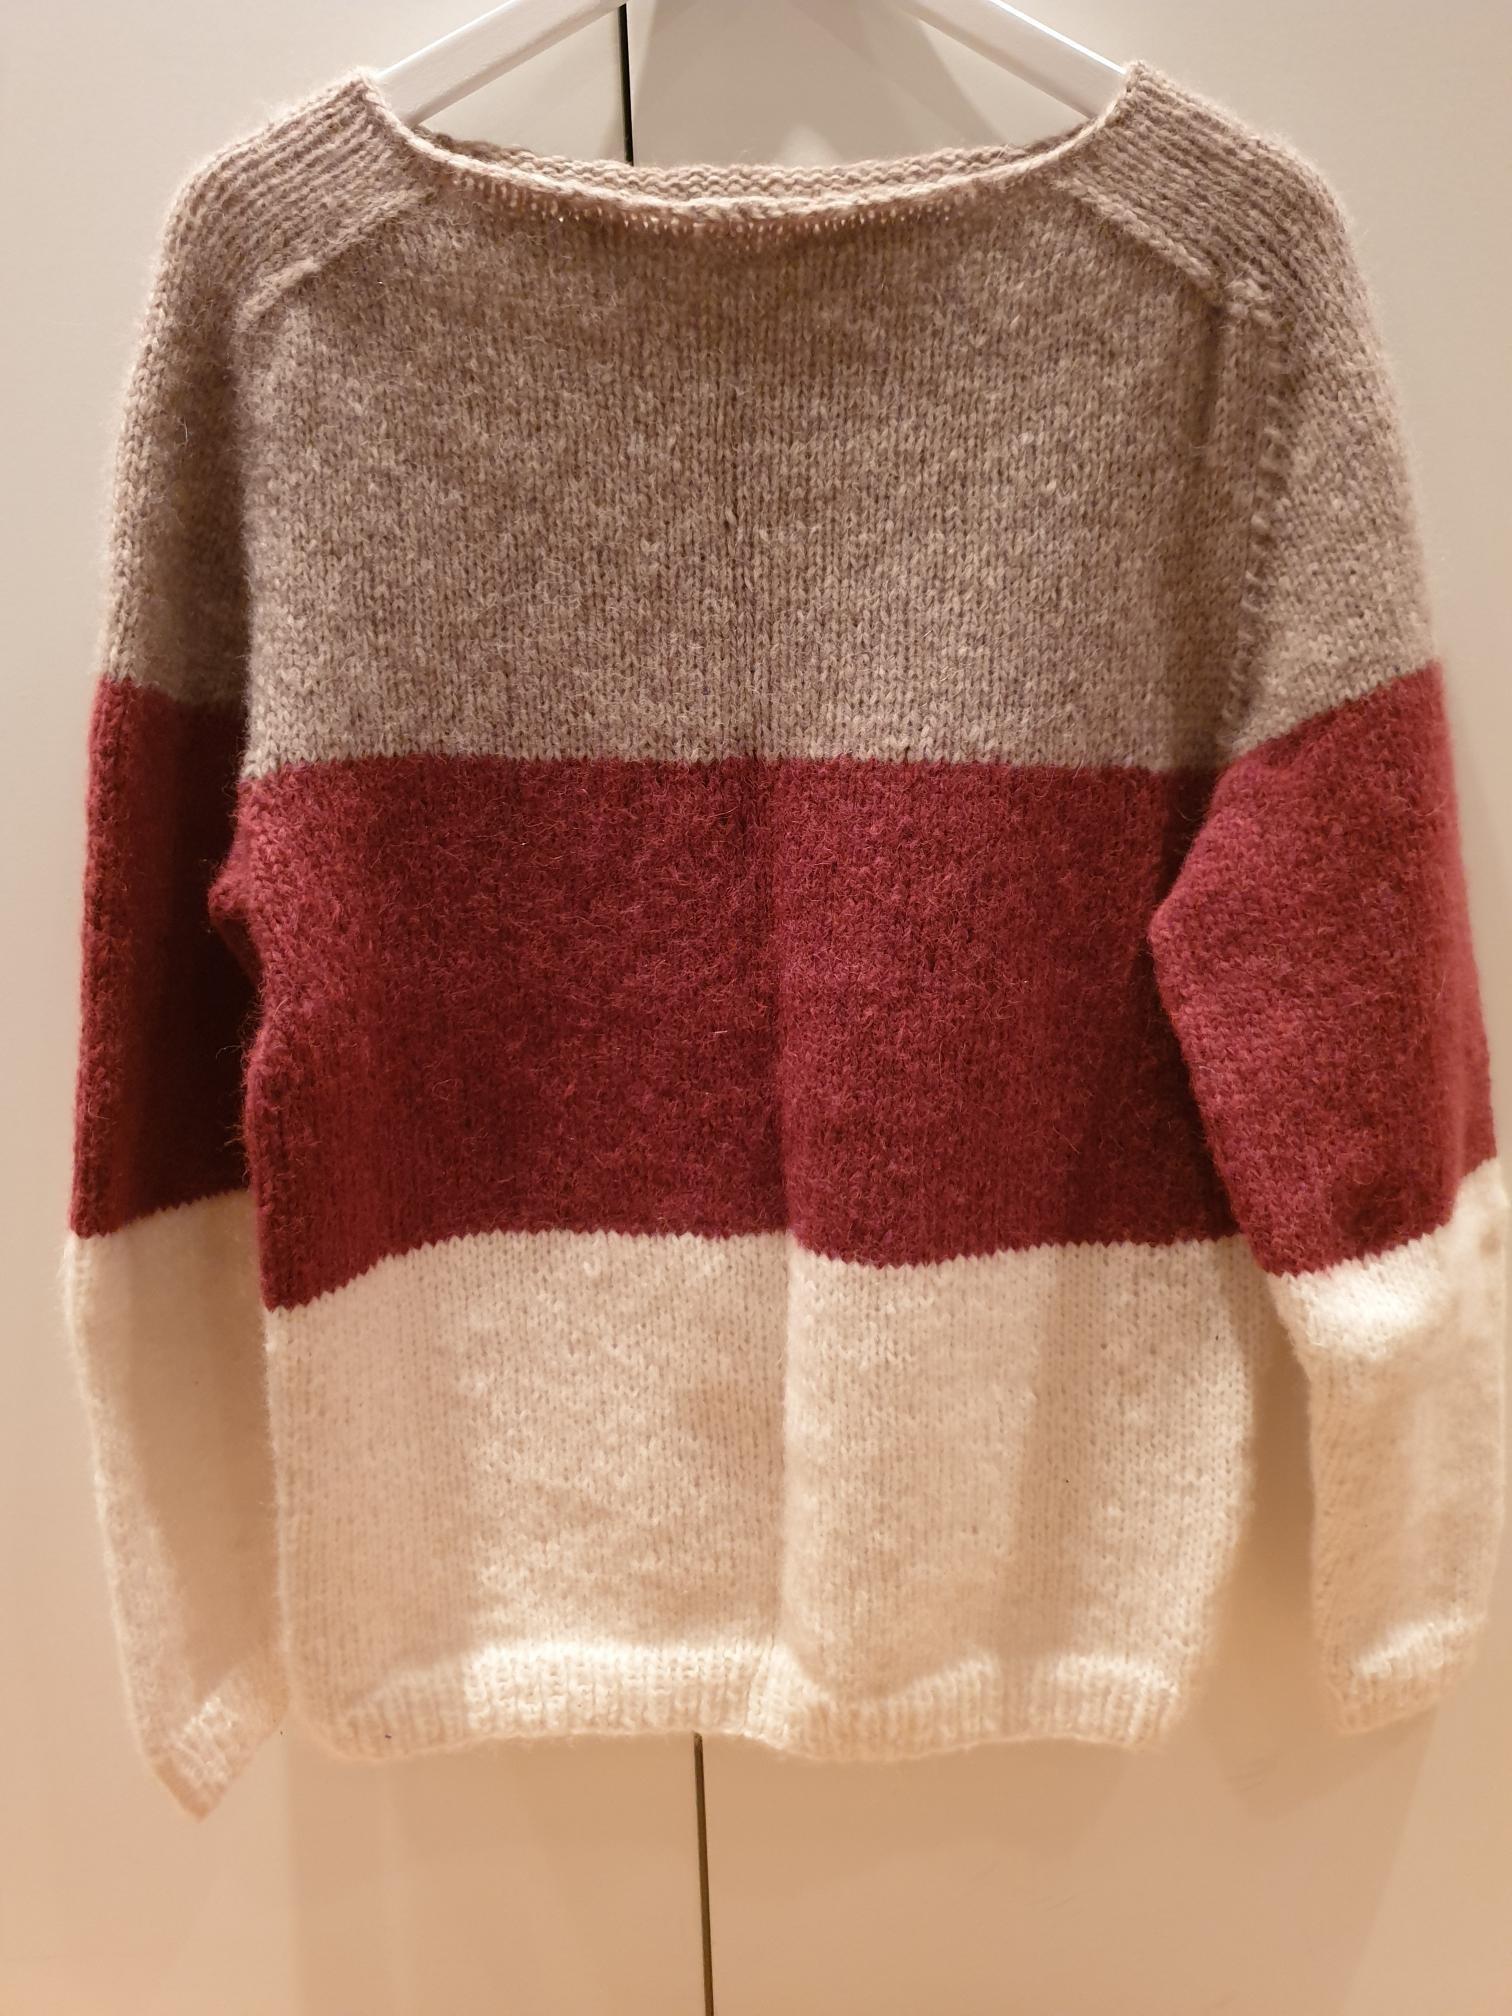 gratis oppskrift dans genser